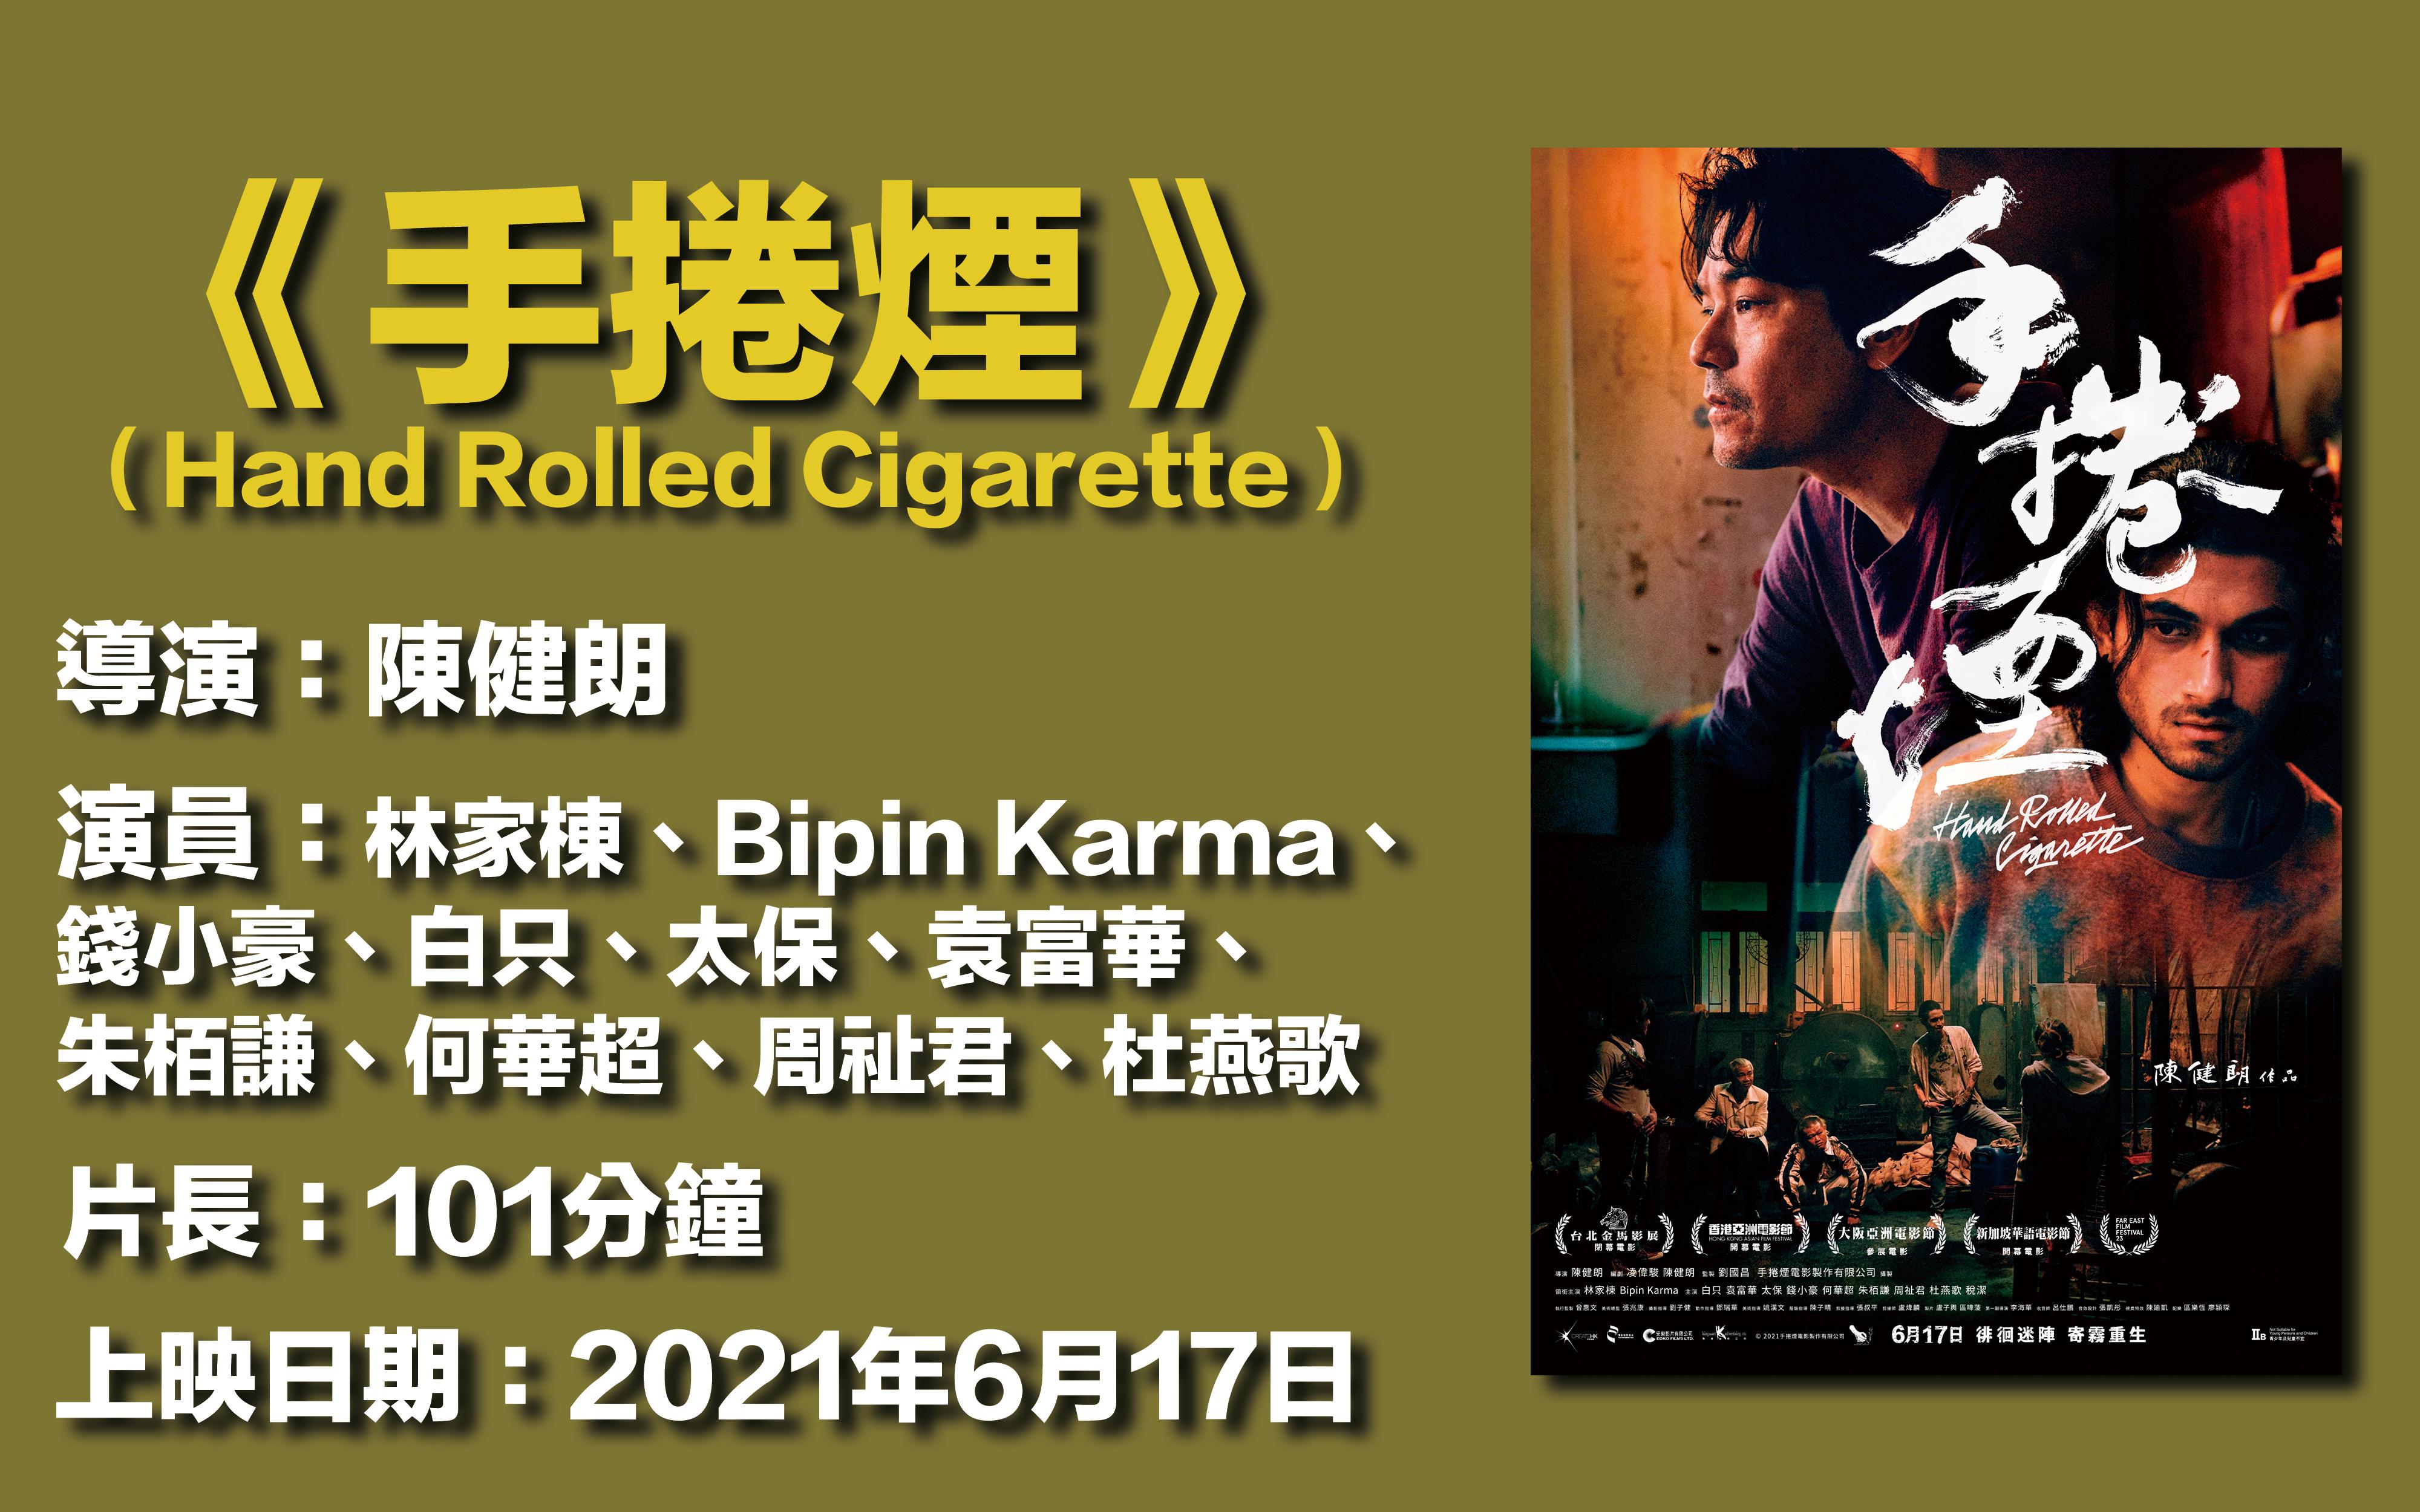 手捲煙 陳健朗 林家棟 Bipin Karma 太保 袁富華 電影海報 資料